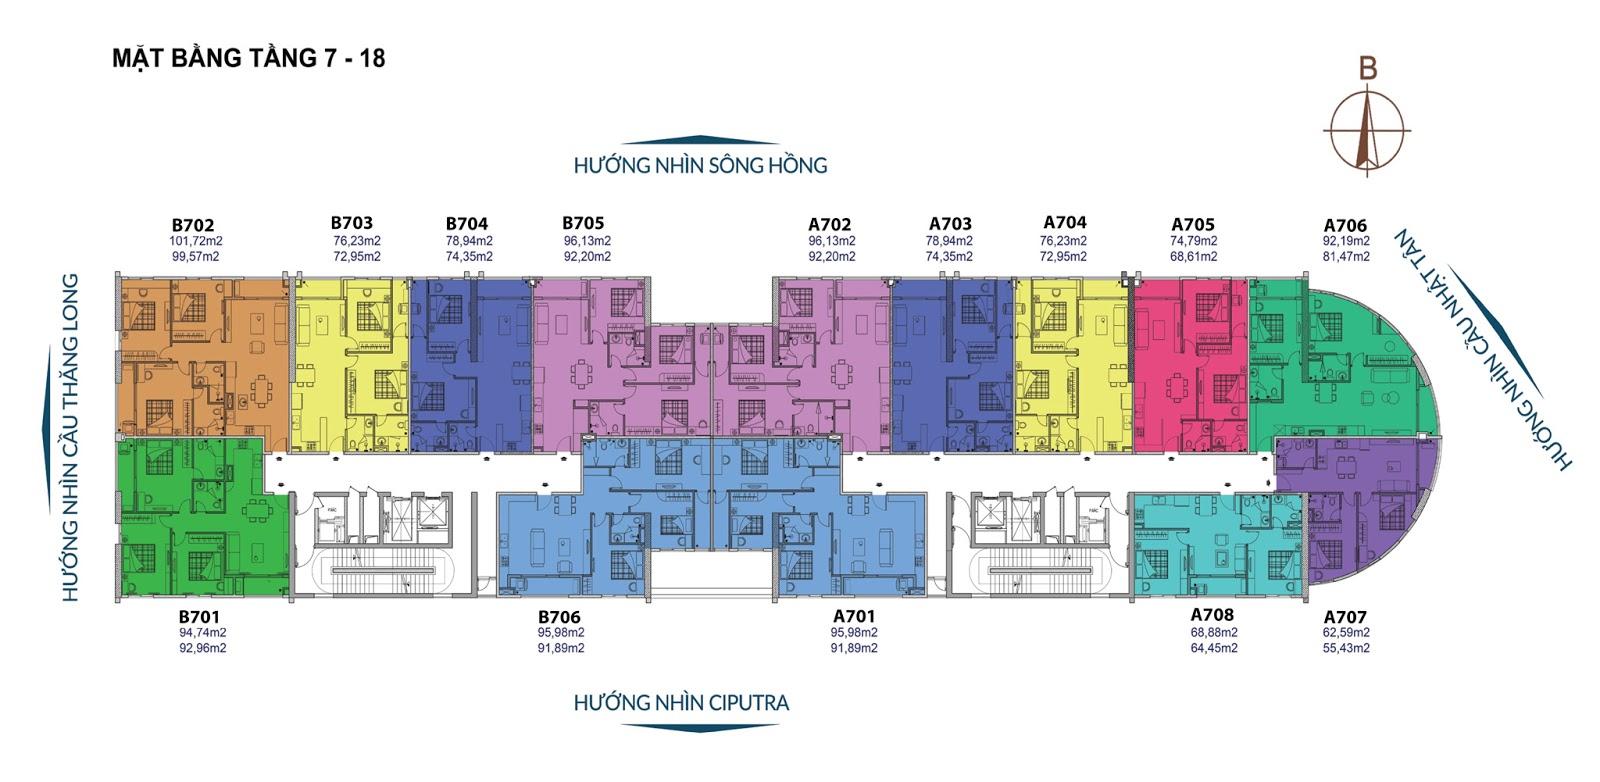 Mặt bằng căn hộ tầng 7 - 18